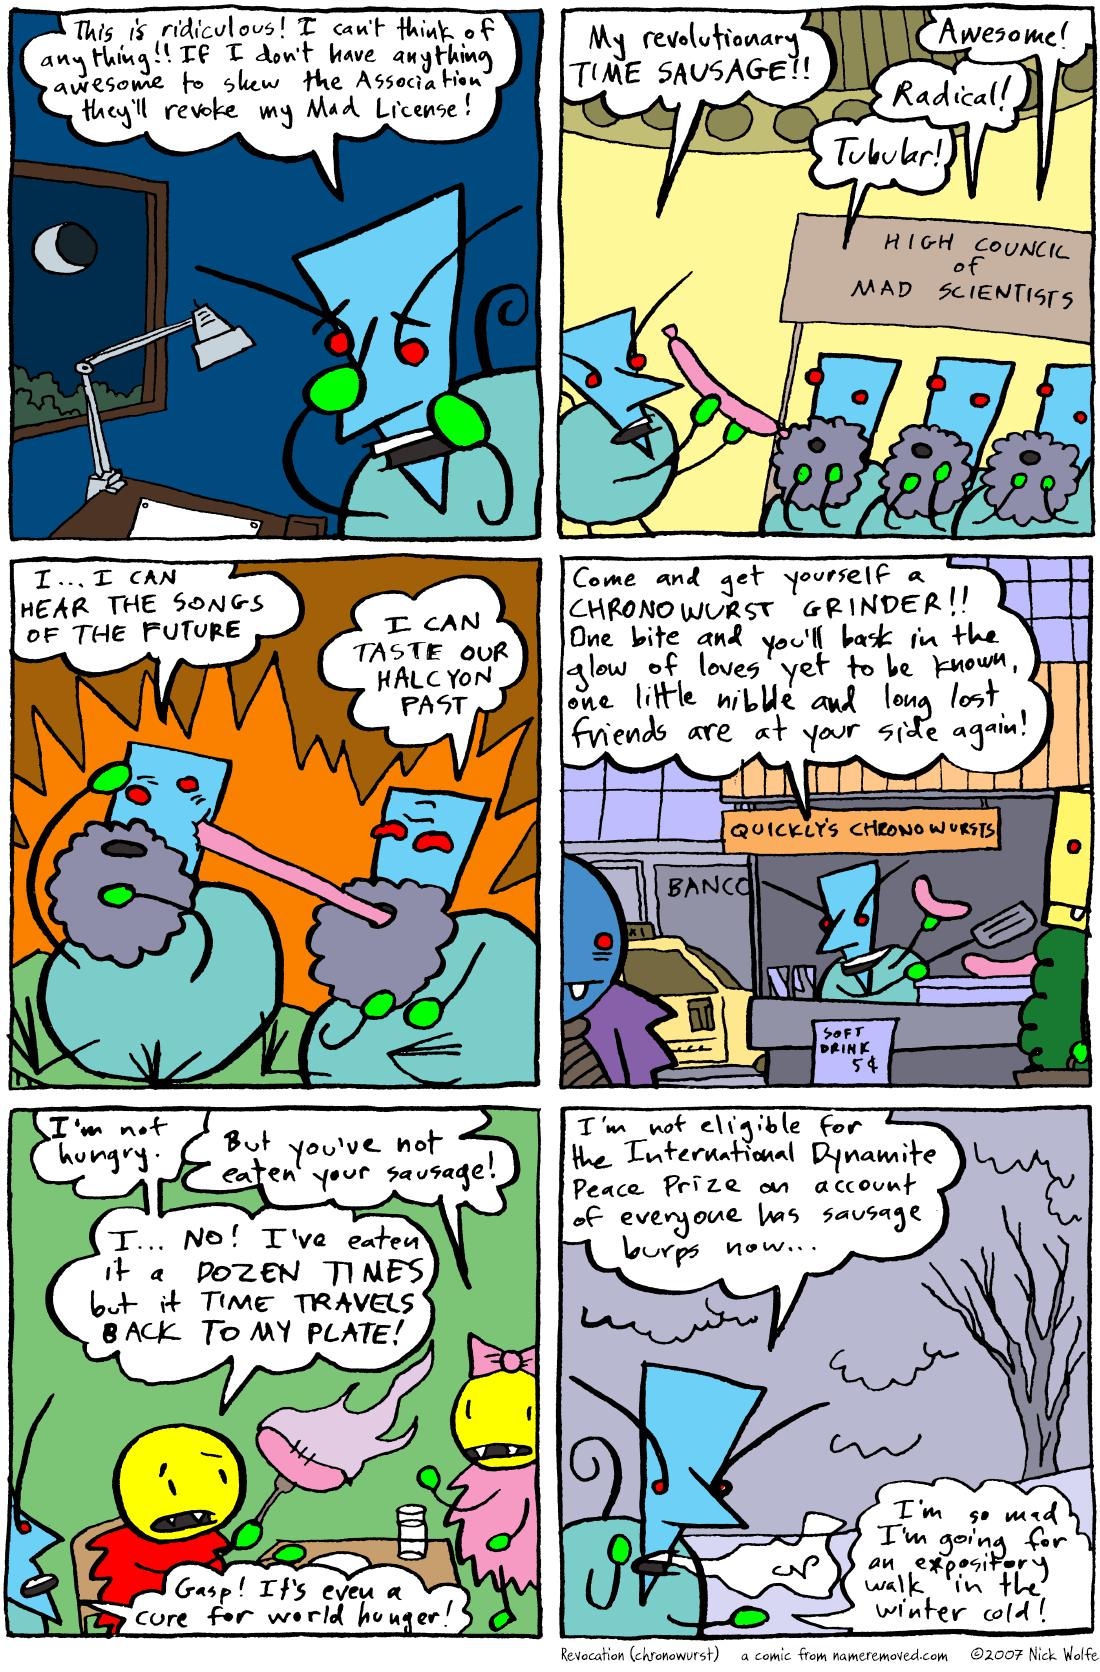 Revocation (chronowurst)